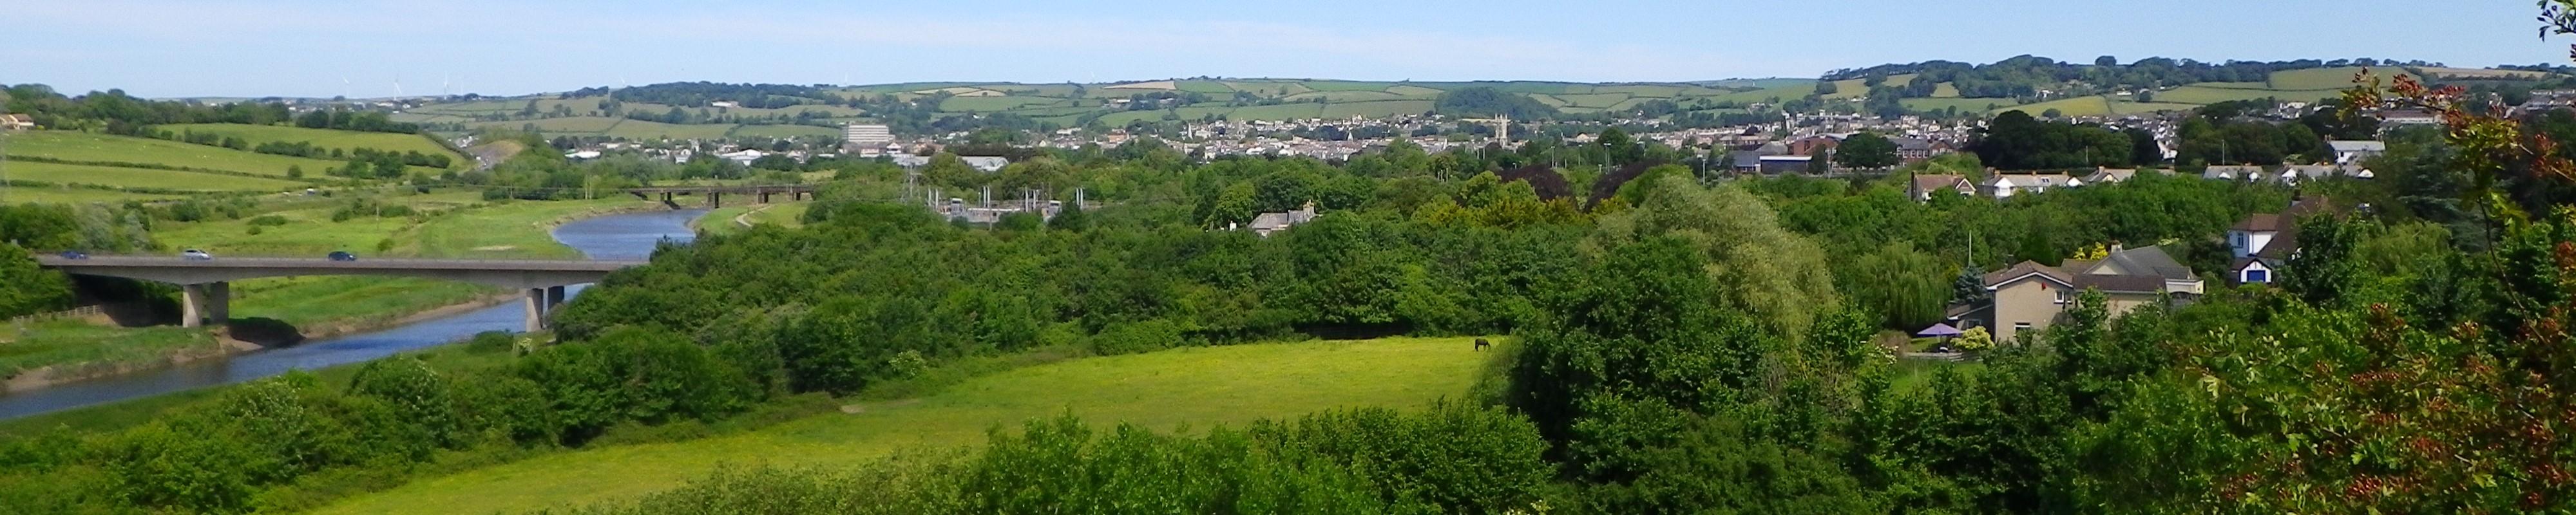 View overlooking Barnstaple, North Devon